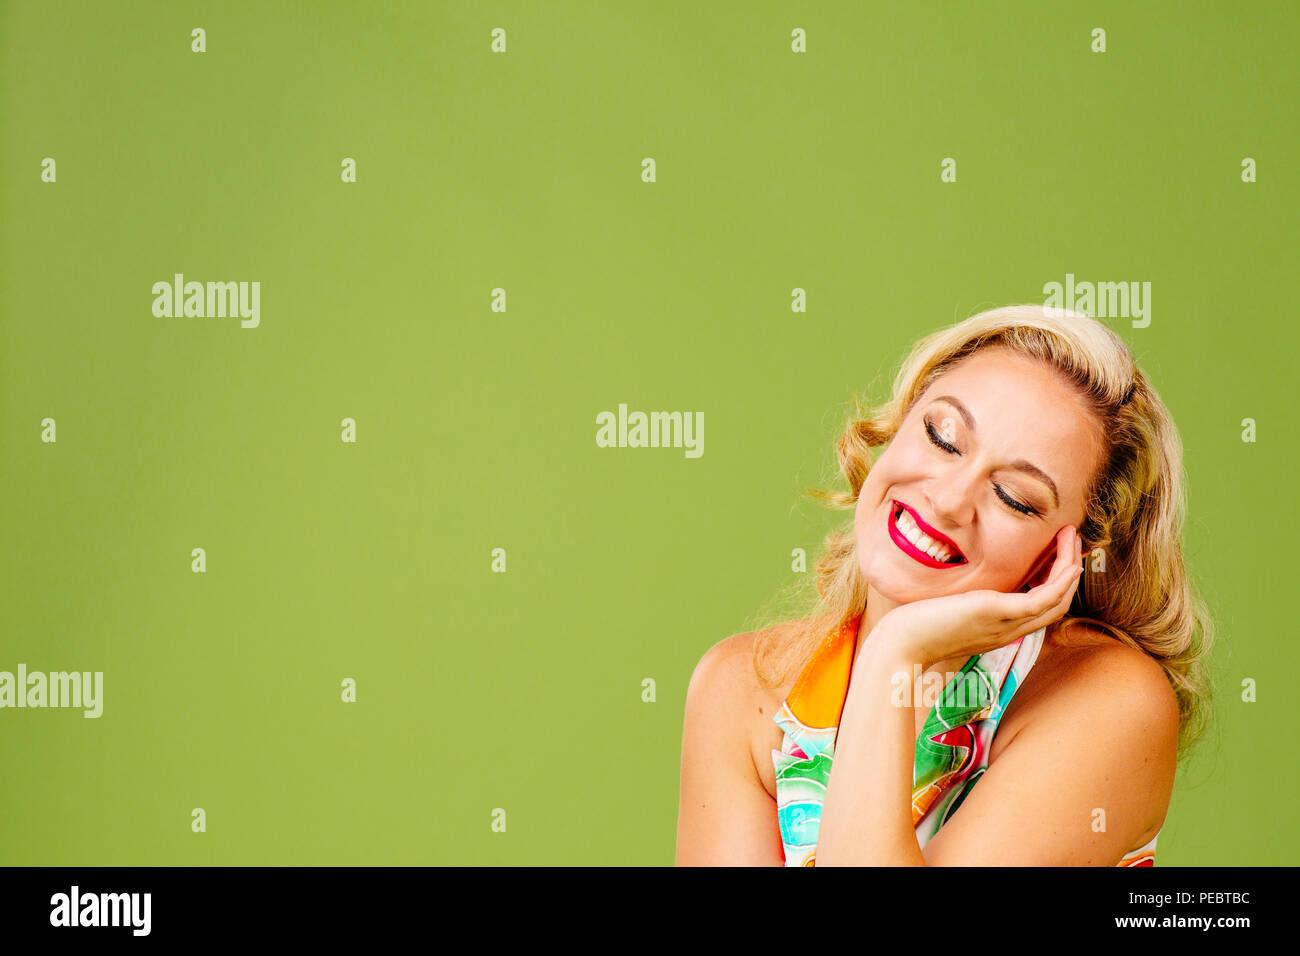 Sorridenti donna bionda con gli occhi chiusi, isolato sul verde di sfondo per studio Immagini Stock